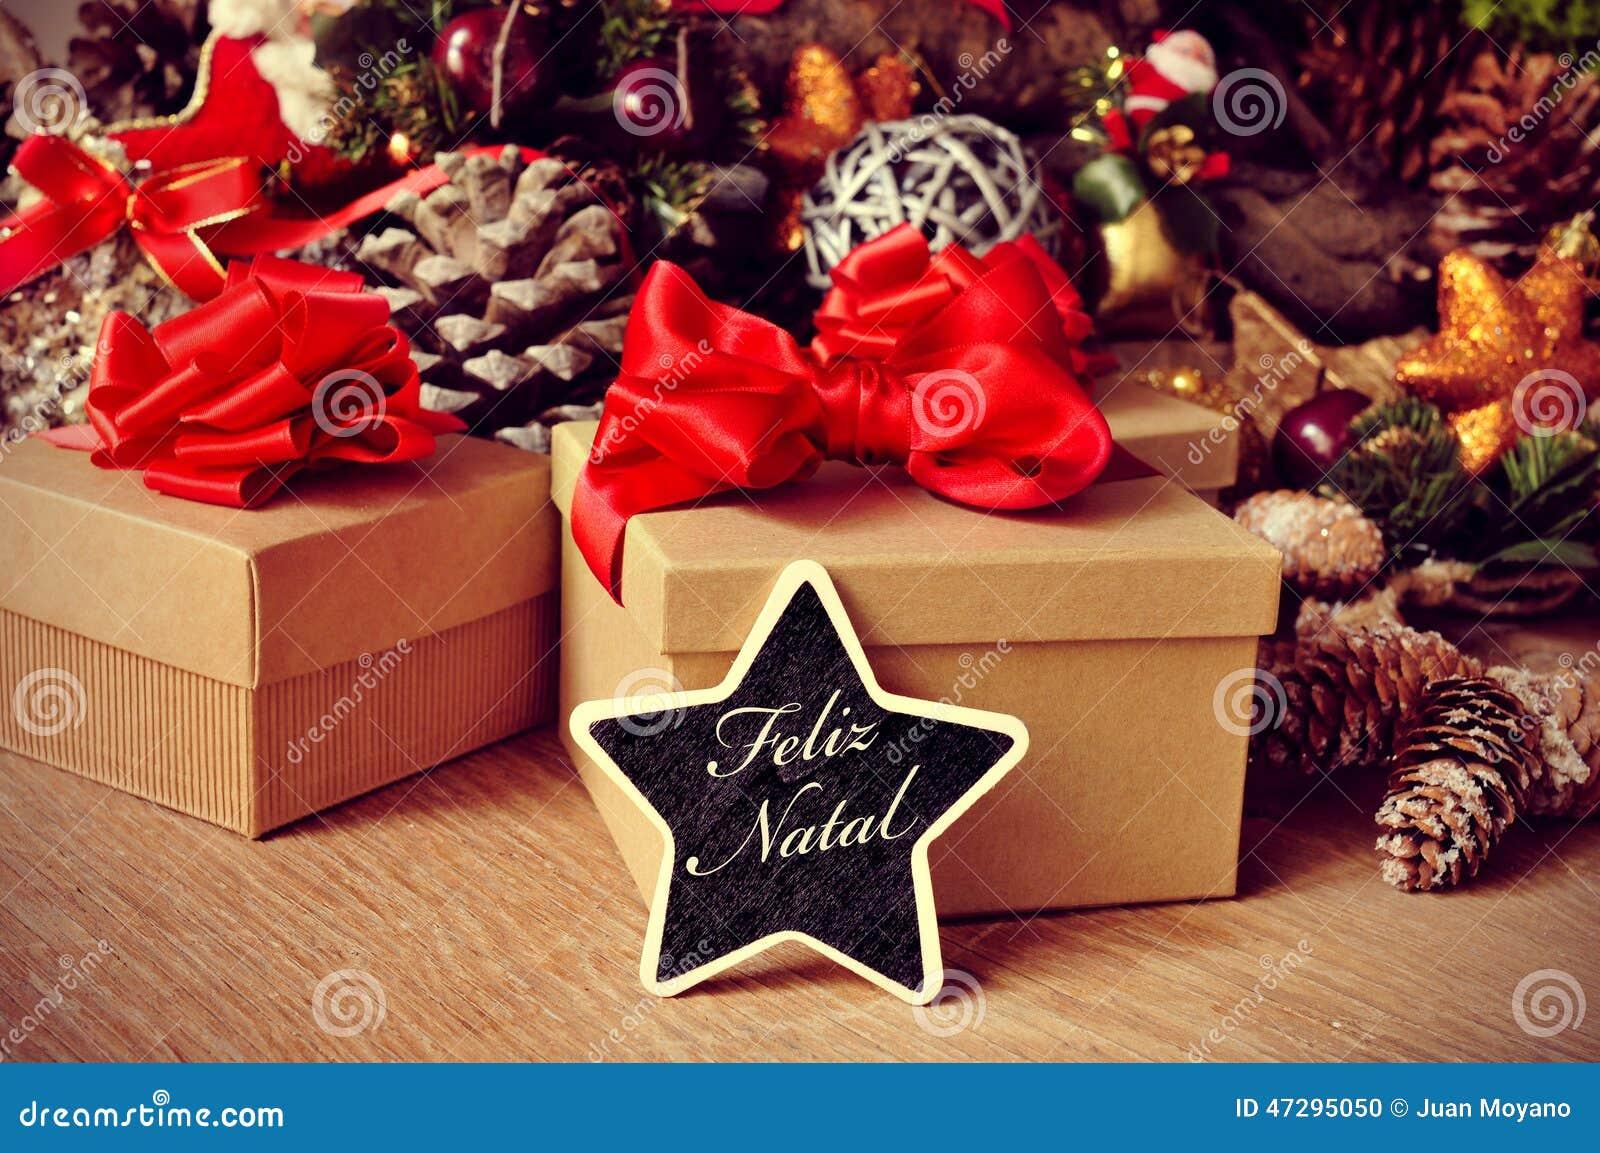 feliz geburts frohe weihnachten auf portugiesisch